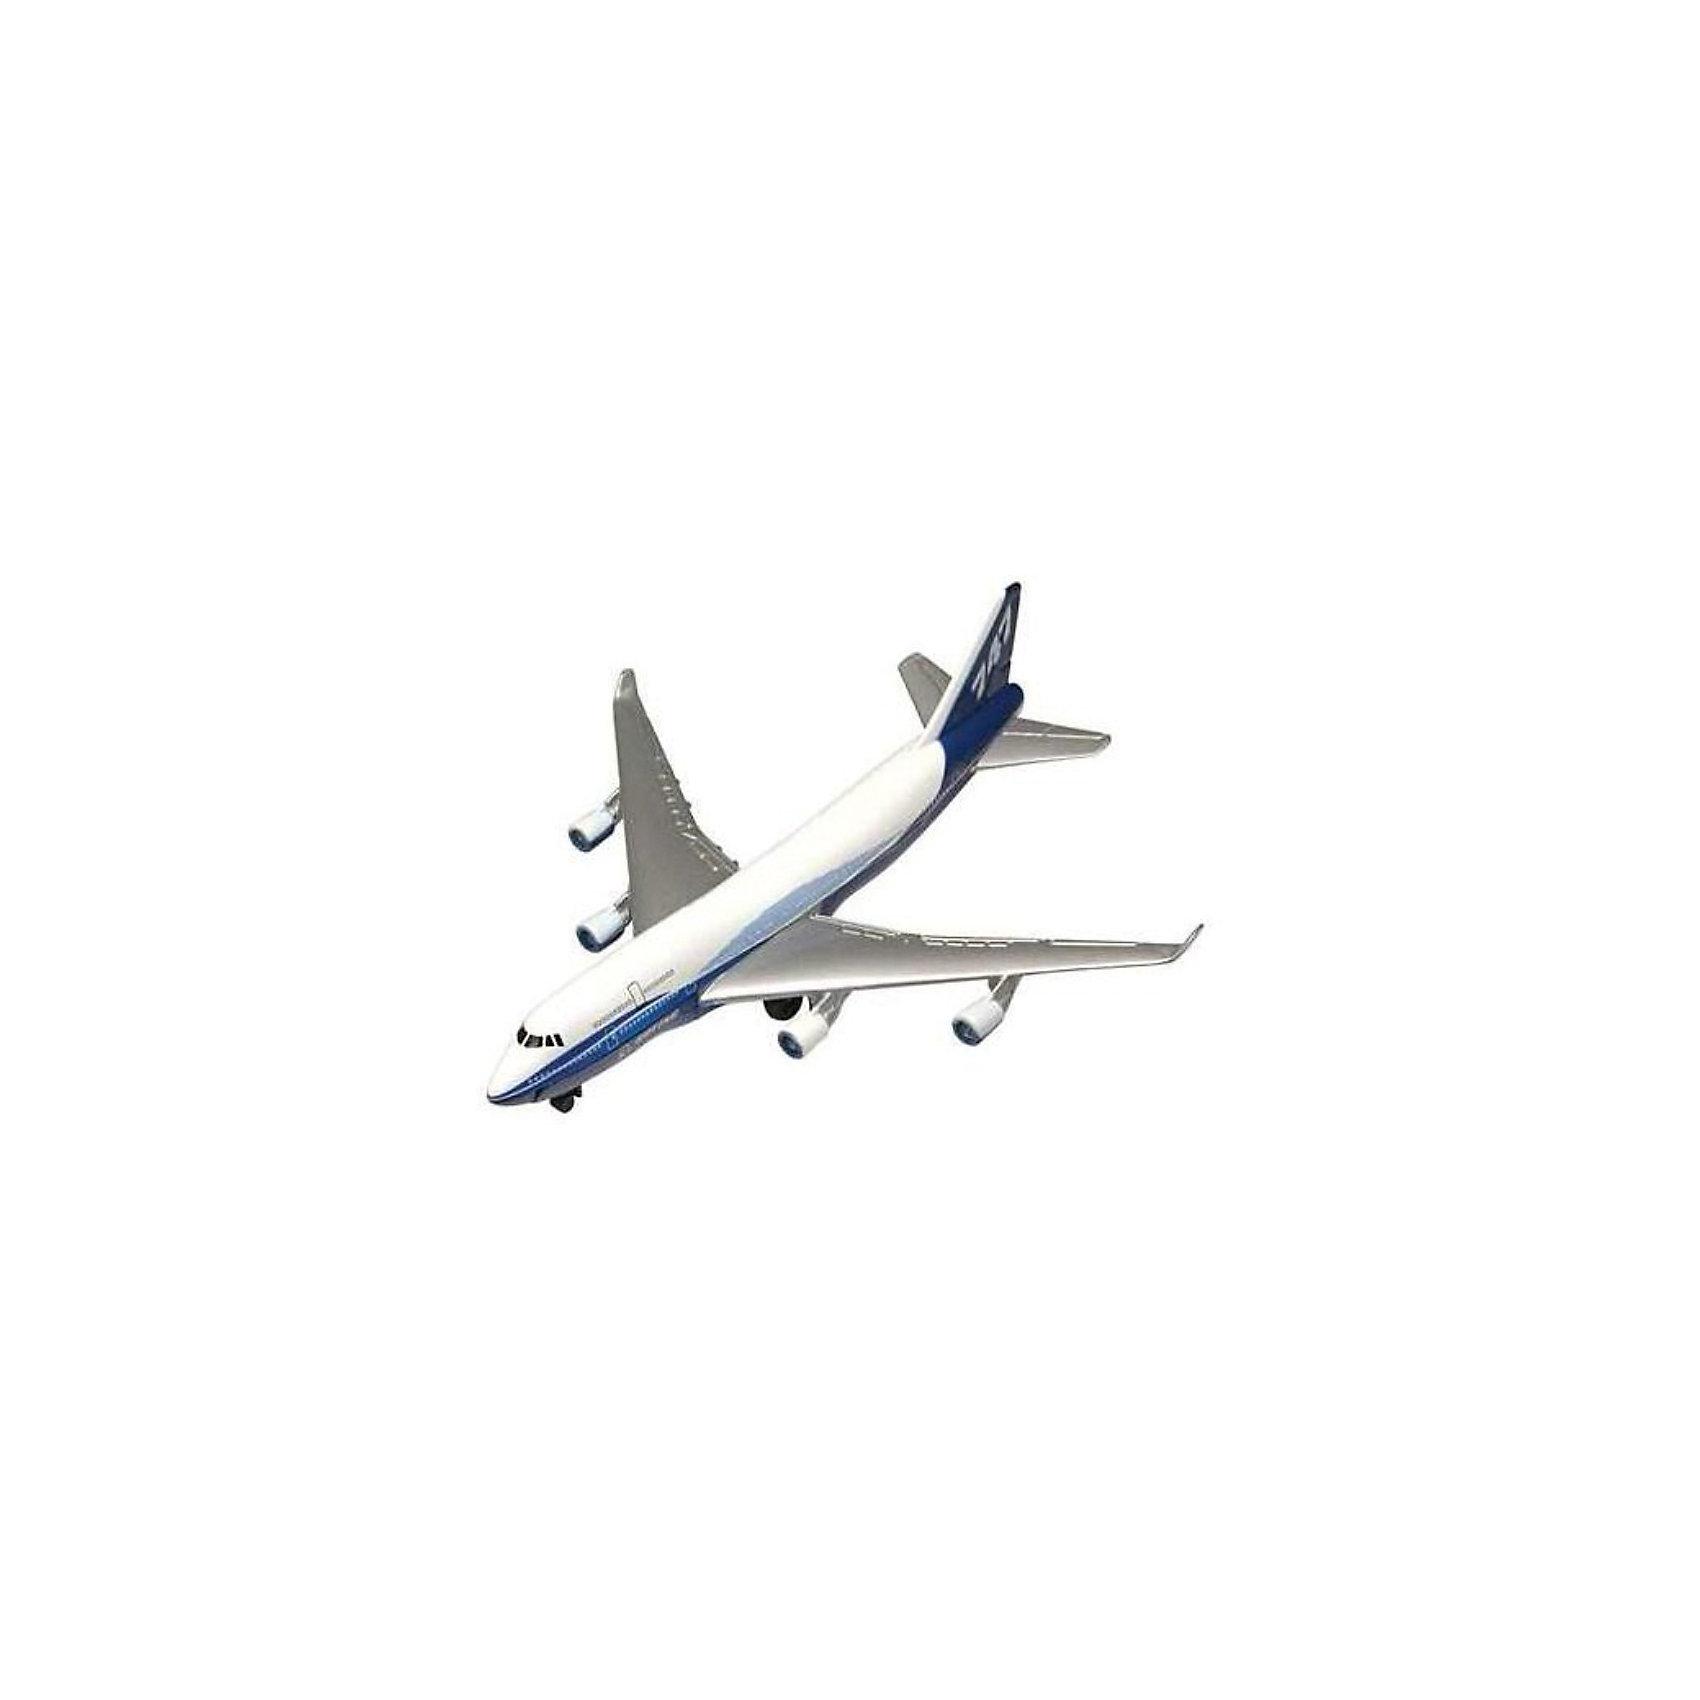 """Cамолет Boeing 747,  MotormaxCамолет Boeing 747,  Motormax (Мотормакс) – это отличное пополнение коллекции авиационной техники.<br>Коллекционная игрушка самолет Boeing 747 (Боинг 747) от компании Motormax (Мотормакс) в точности повторяет контуры известного американского пассажирского авиалайнера, чем вызовет неподдельный интерес, как у ребенка, так и взрослого коллекционера. Прозванный """"Джамбо Джет"""" Boeing 747 стал первым двухпалубным широкофюзеляжным самолетом. На момент своего создания в 1969 году, Боинг 747 был самым вместительным пассажирским авиалайнером в мире. Сейчас это самый распространенный в мире самолет своего класса. Модель максимально приближена к своему прототипу. По сути это уменьшенная копия настоящего самолета, сохранившая его пропорции и узнаваемые элементы. Стоит также отметить хорошую для таких размеров детализацию. Модель самолета изготовлена из прочного и качественного пластика, поэтому может использоваться и для обычной игры.<br><br>Дополнительная информация:<br><br>- Длина самолета: 9 см.<br>- Материал: пластик<br><br>Cамолет Boeing 747,  Motormax (Мотормакс) можно купить в нашем интернет-магазине.<br><br>Ширина мм: 127<br>Глубина мм: 30<br>Высота мм: 178<br>Вес г: 80<br>Возраст от месяцев: 36<br>Возраст до месяцев: 168<br>Пол: Мужской<br>Возраст: Детский<br>SKU: 3838999"""